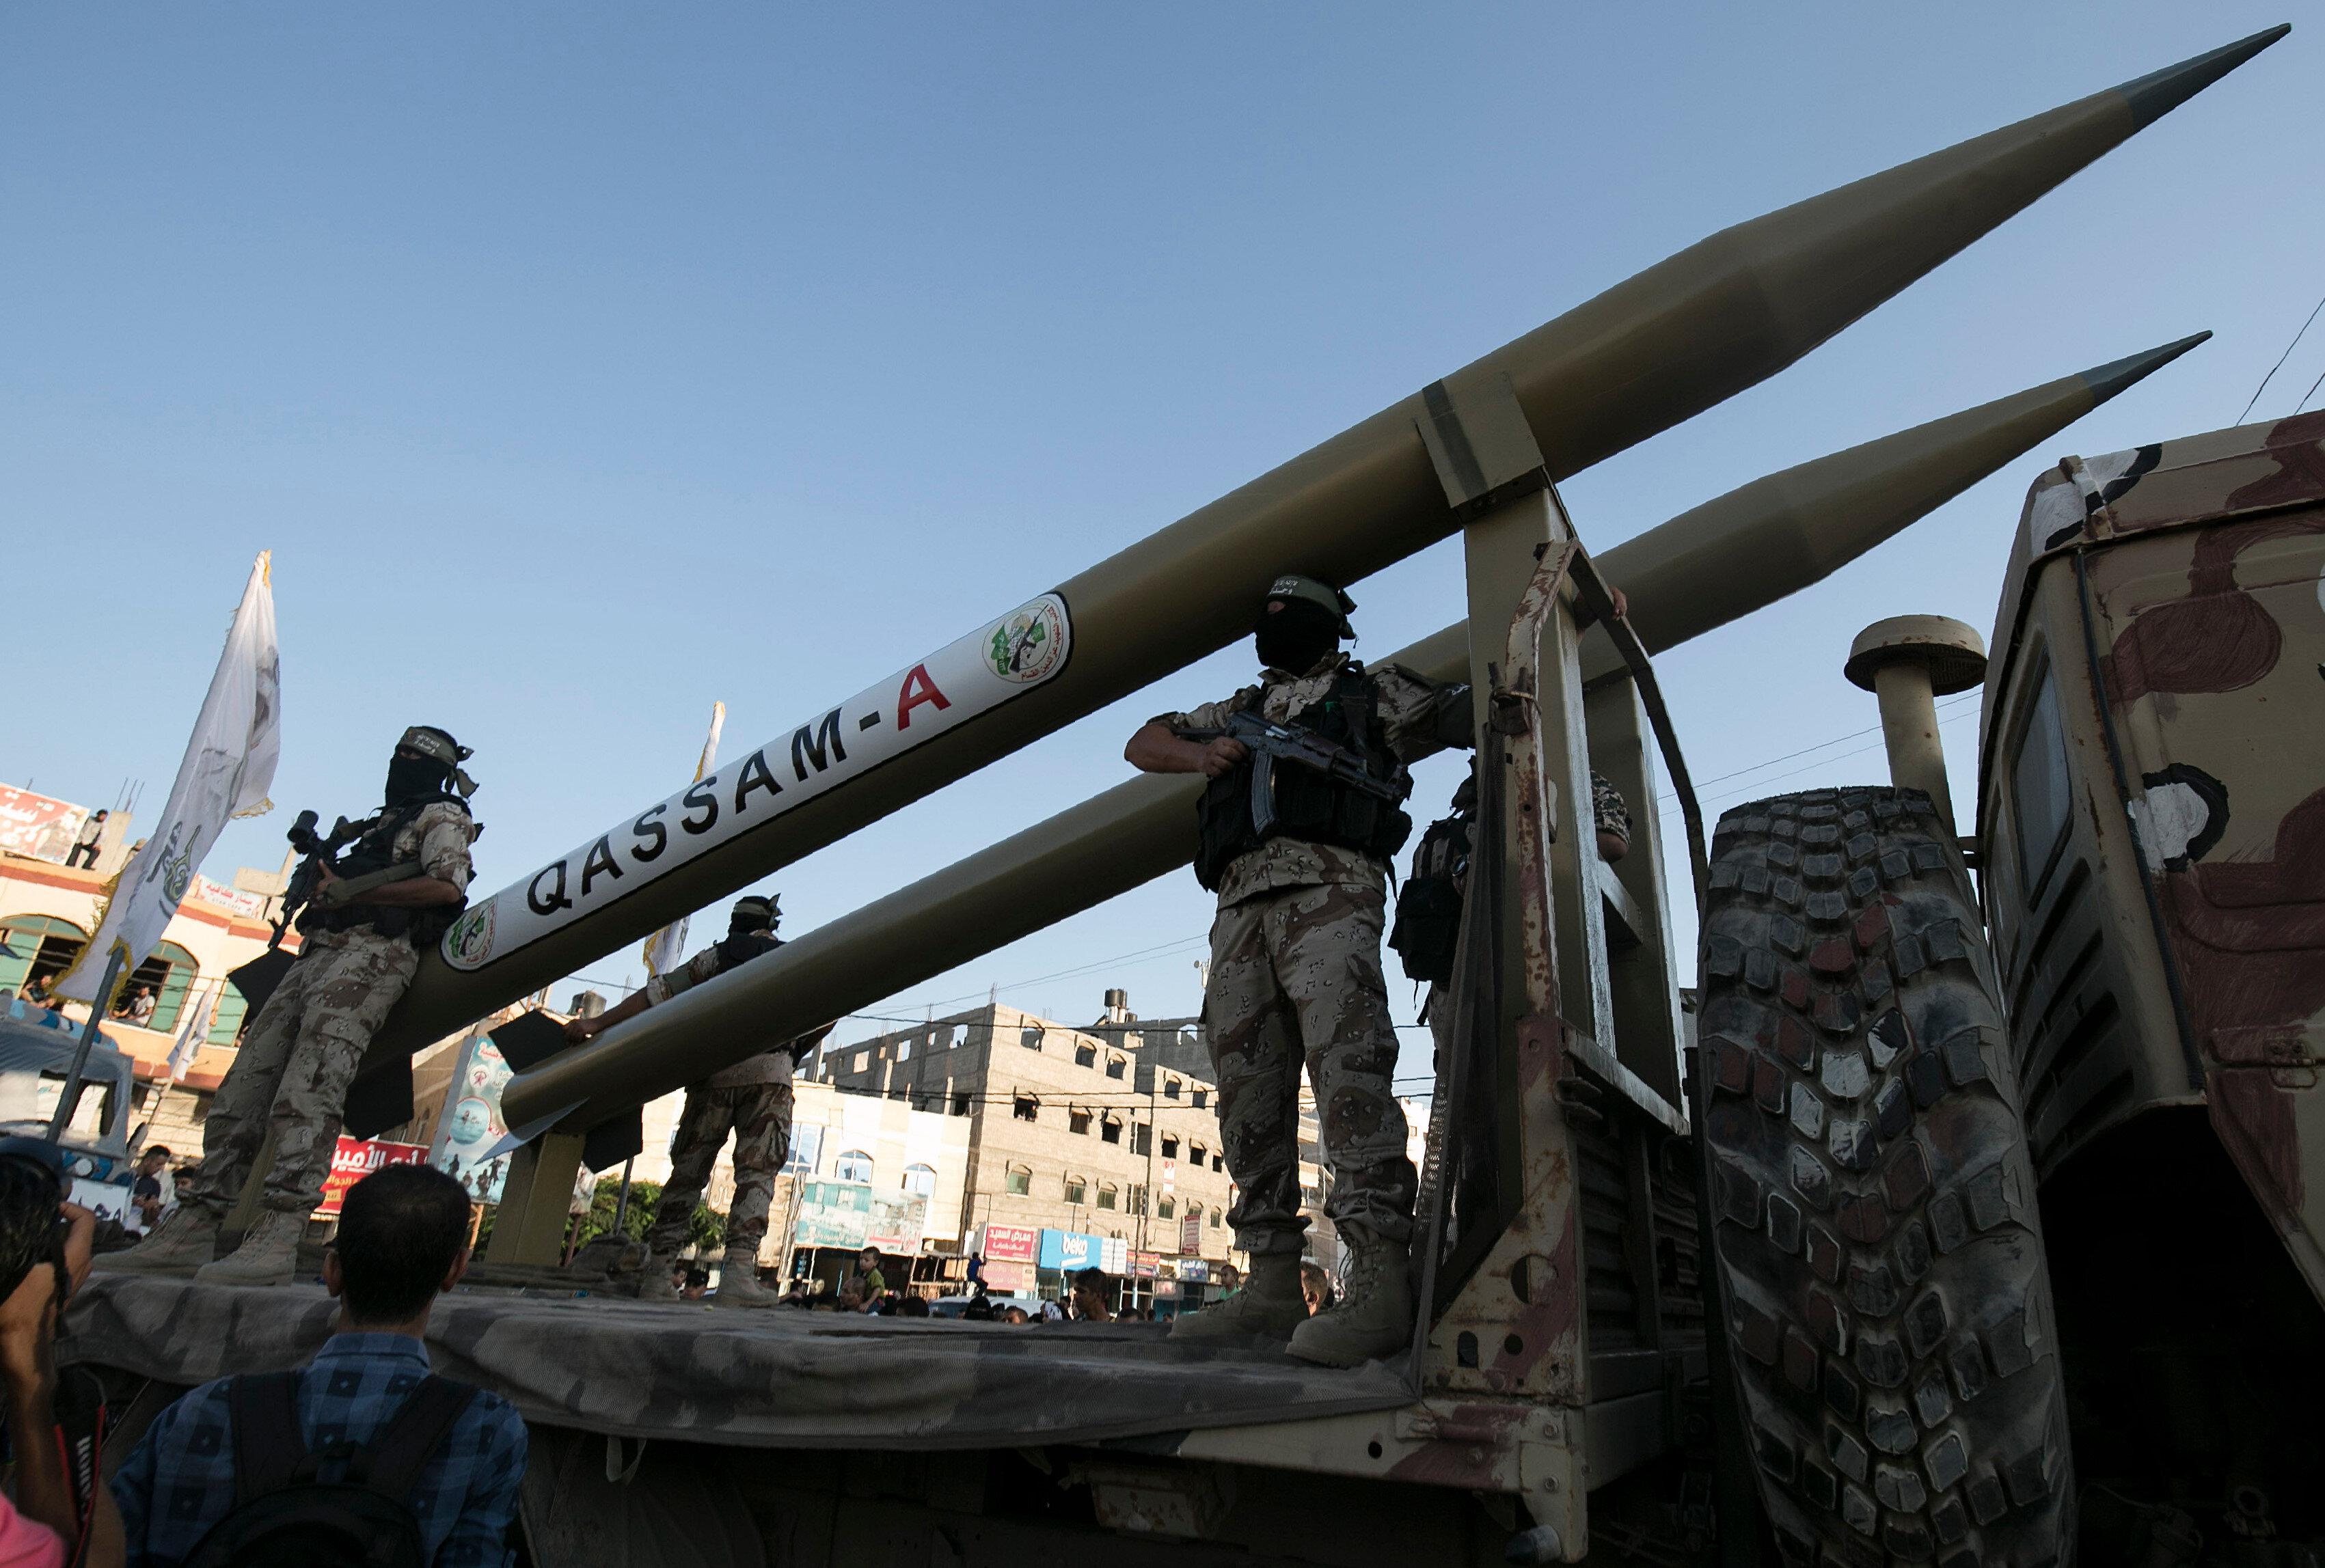 Sinvar, olası çatışmalar için Hamas'ın yeterli düzeyde bir askeri mühimmata sahip olduğunu belirtti.